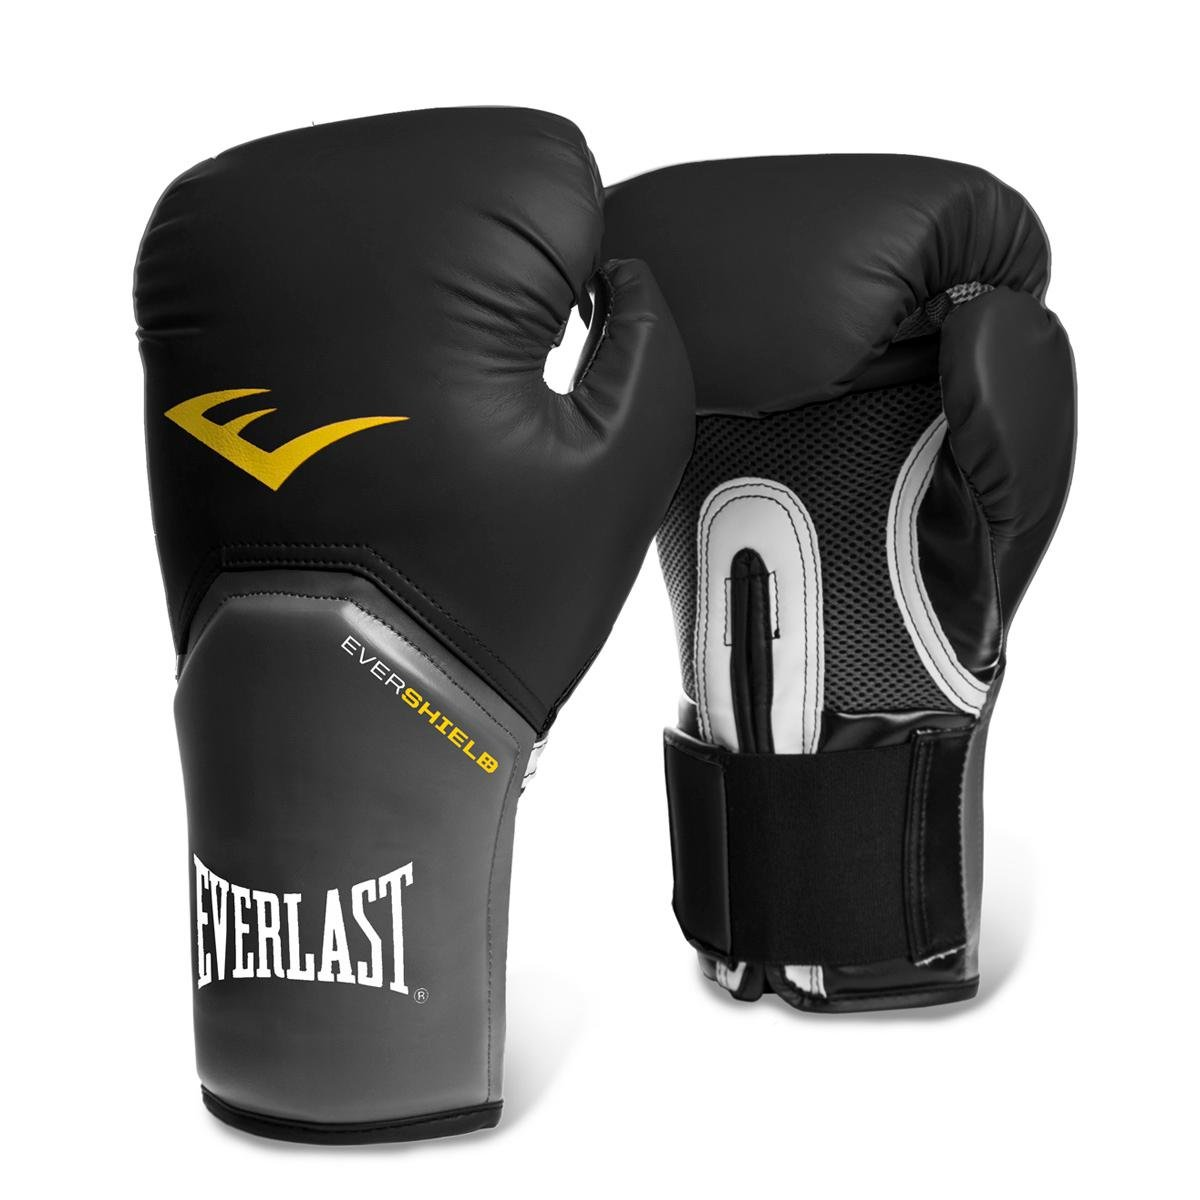 Luva de Boxe Muay Thai Everlast Pro Style - 16 oz - Preto - Compre ... 66c18f6c380e2